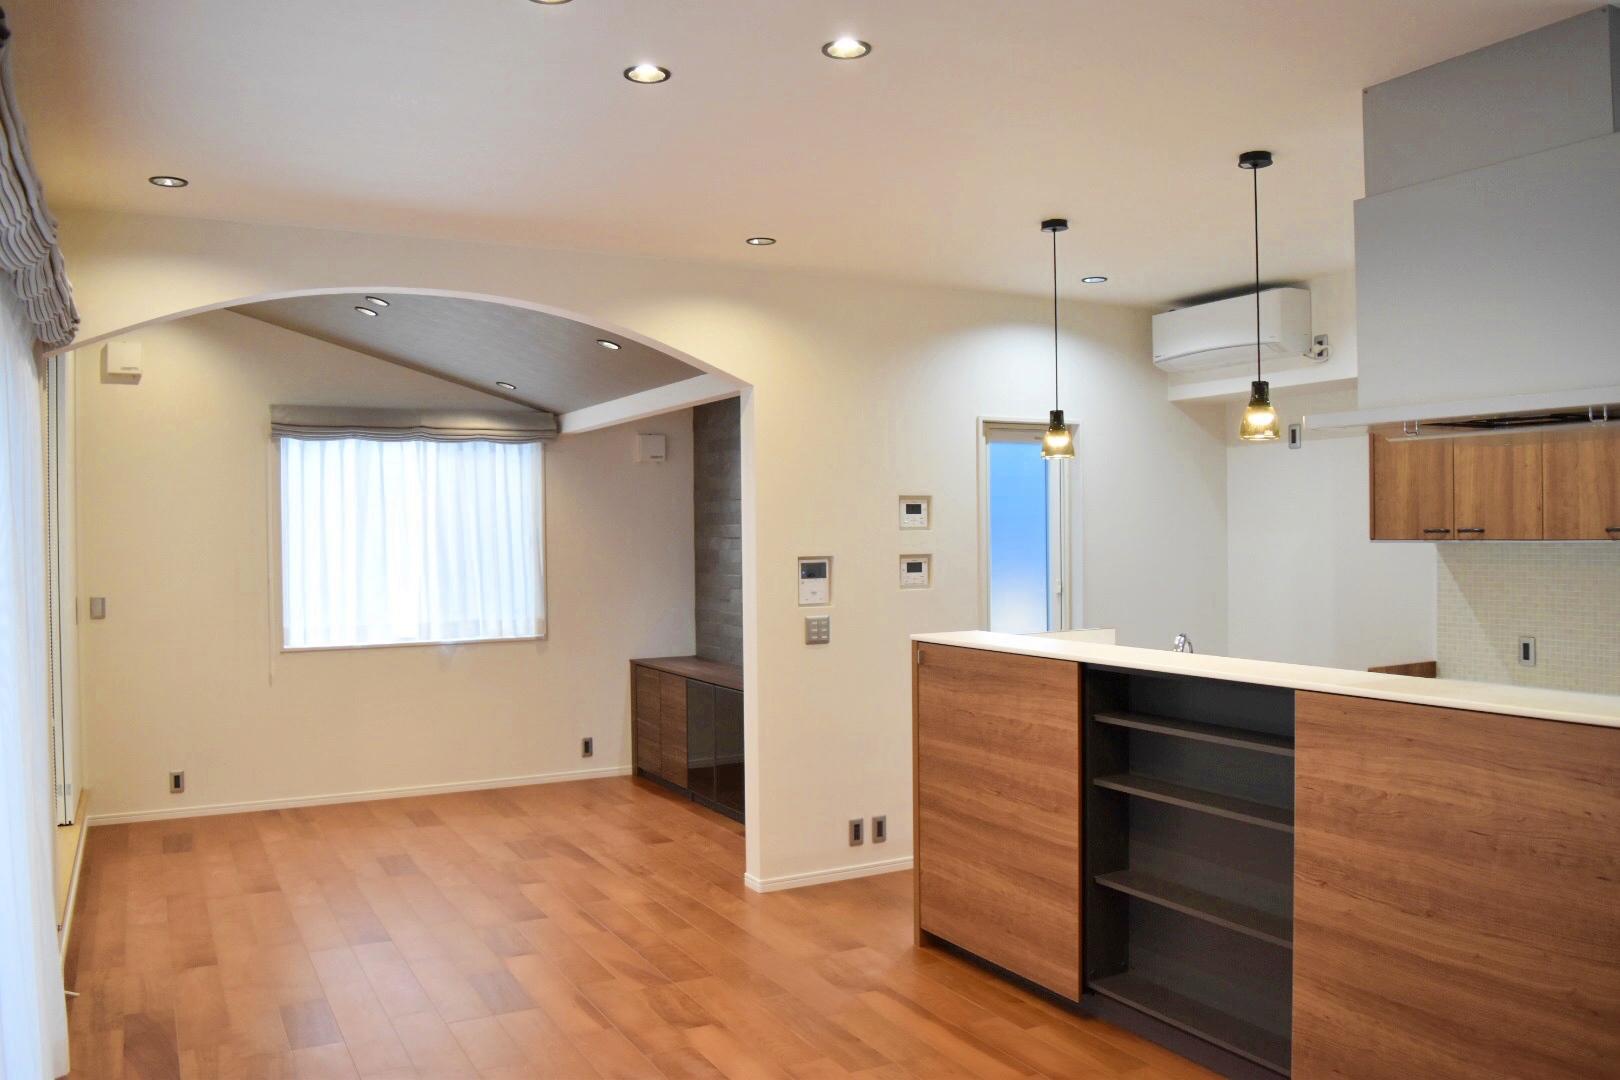 玄関ホールから扉を開けるとLDKへ。 Rの下り壁と勾配天井のある開放的で華やかな空間。